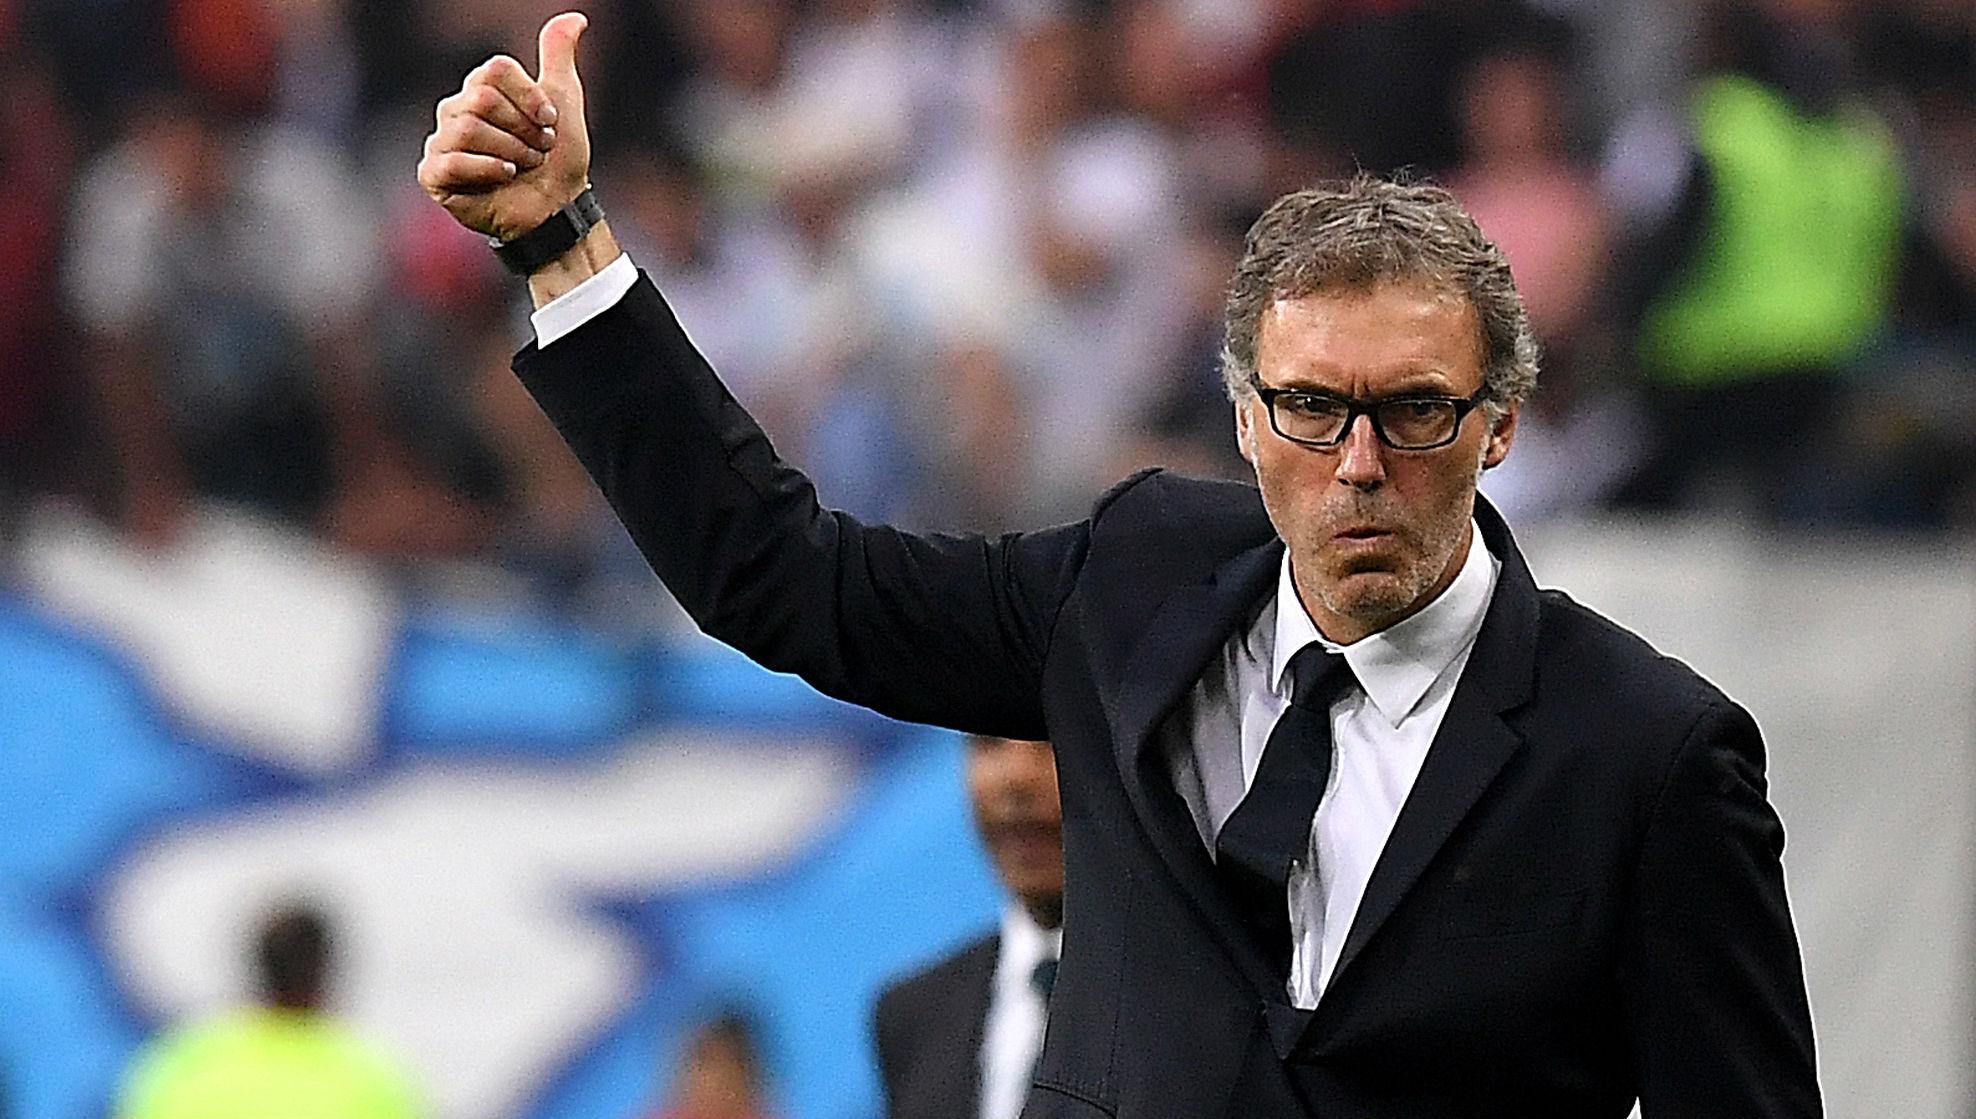 UEFA : Blanc désigné pour effectuer le tirage au sort